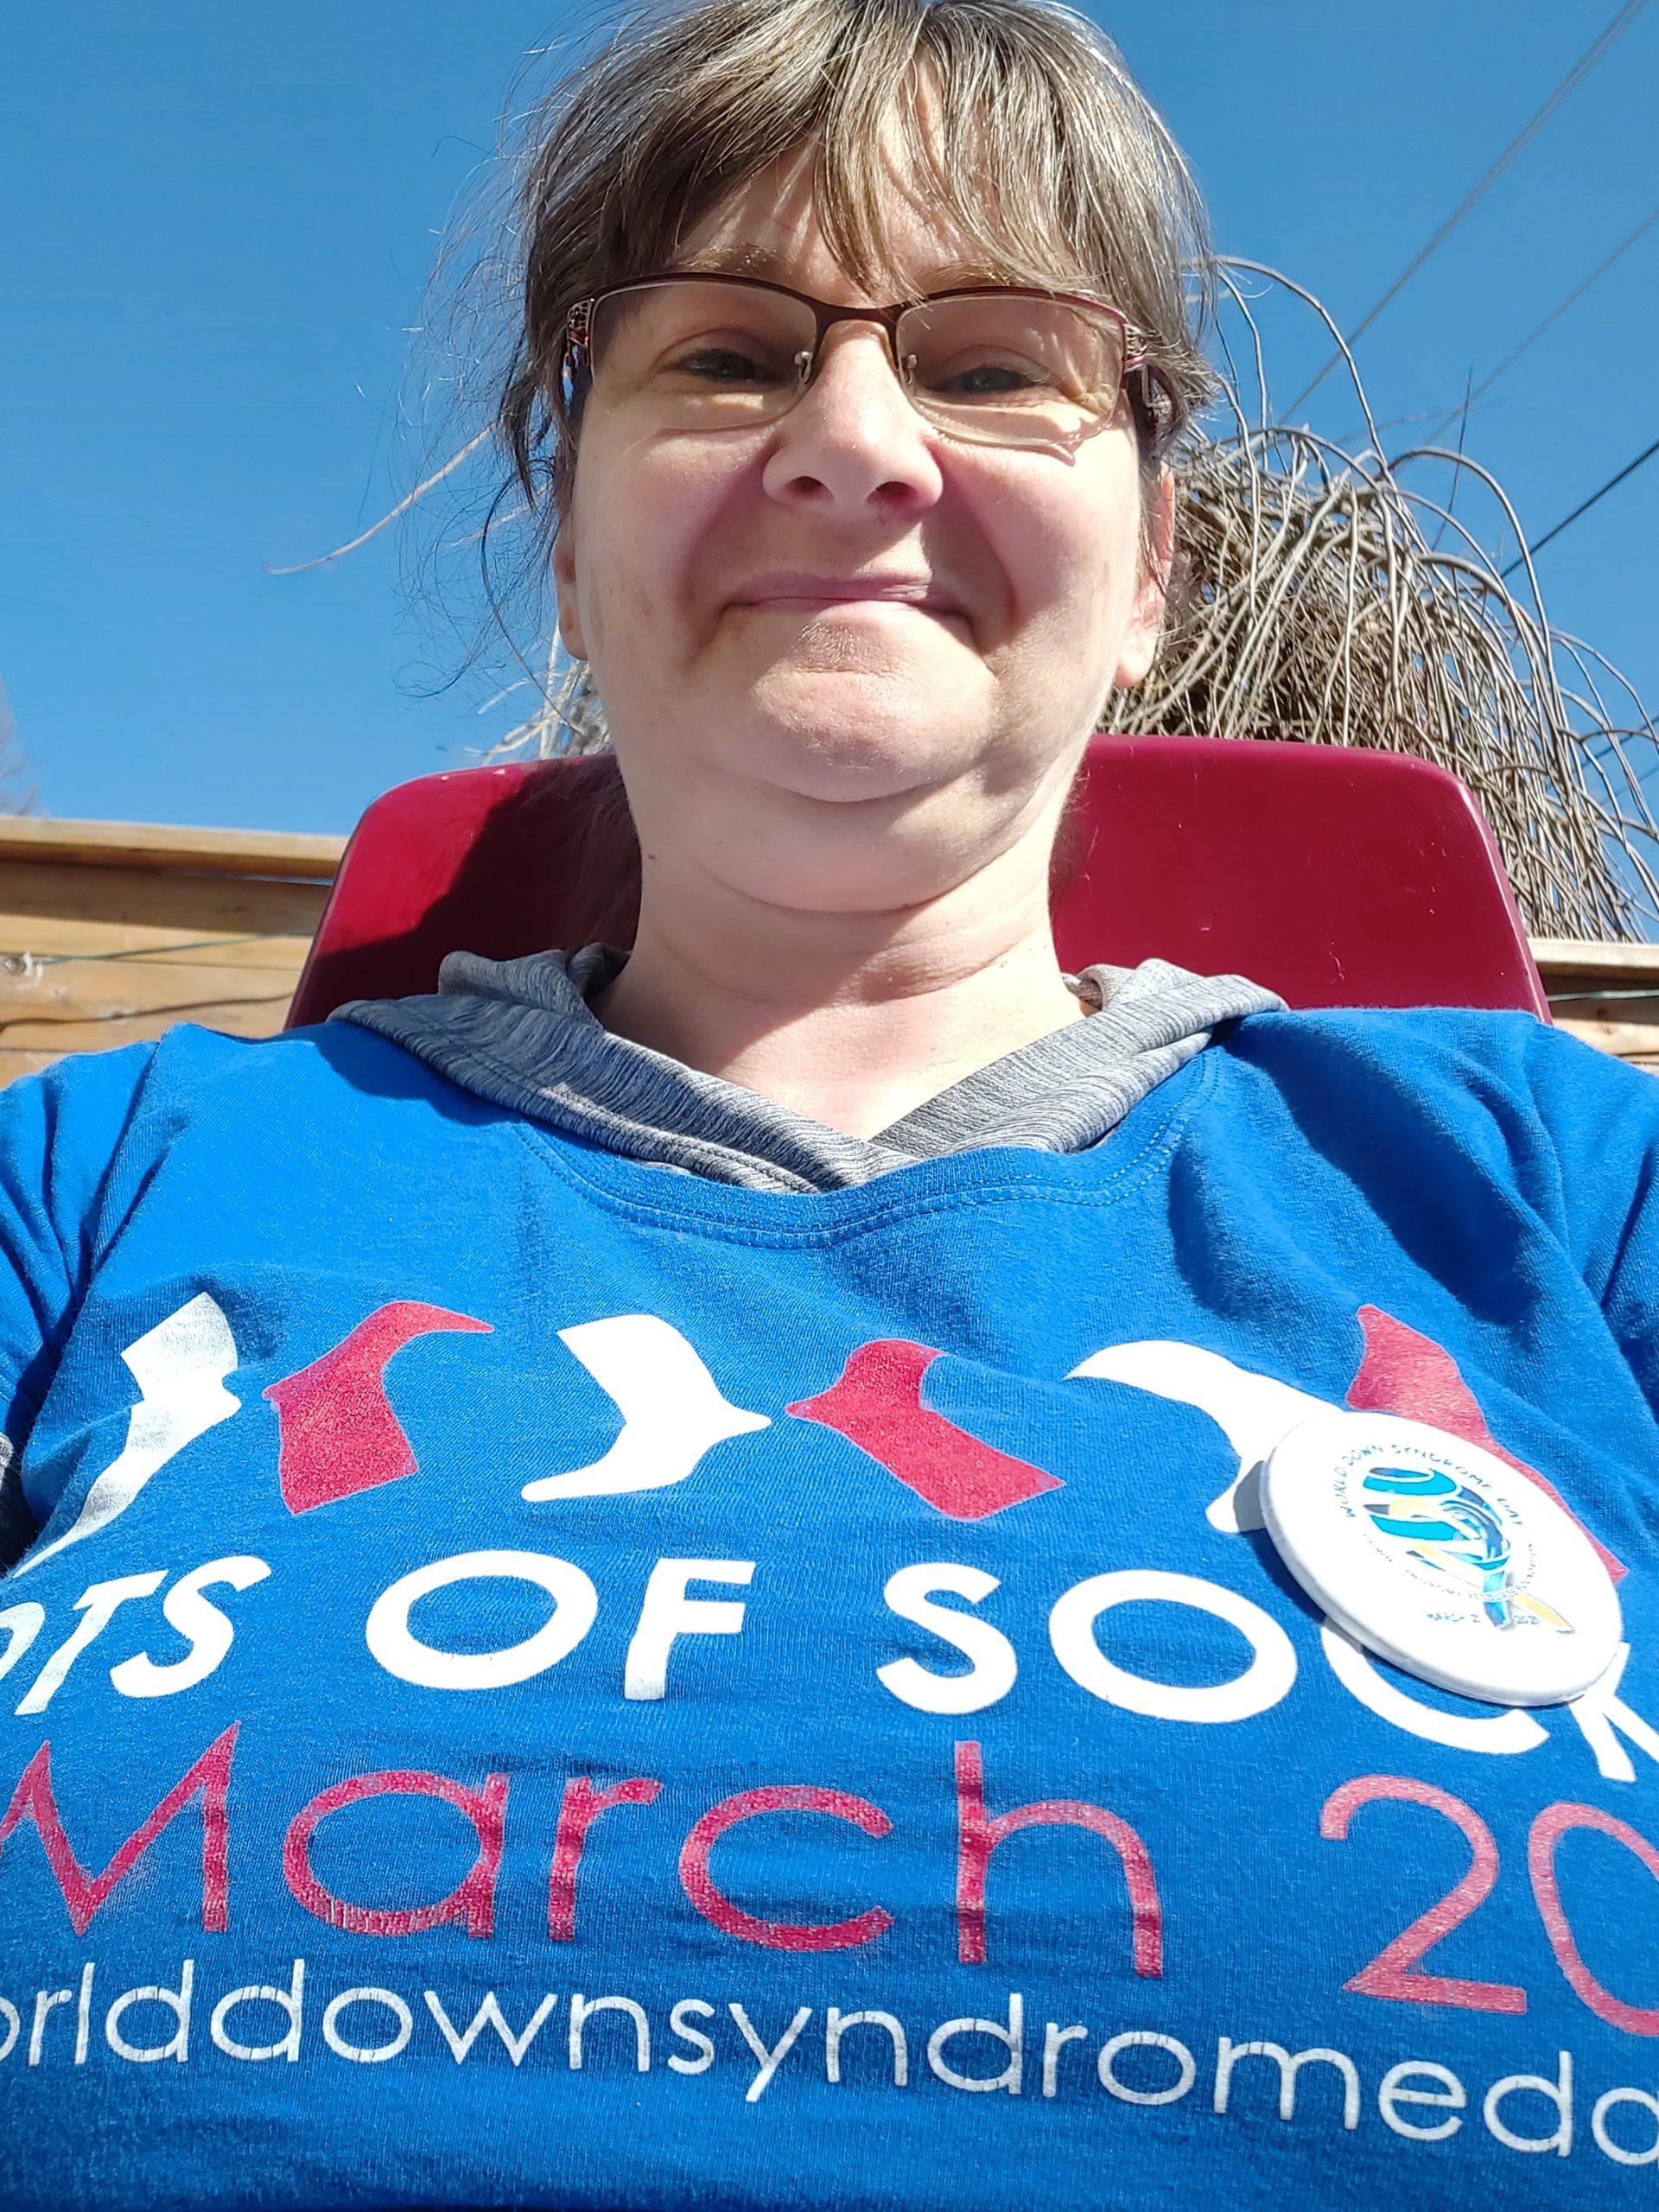 Marrick's mum in her WDSD t-shirt